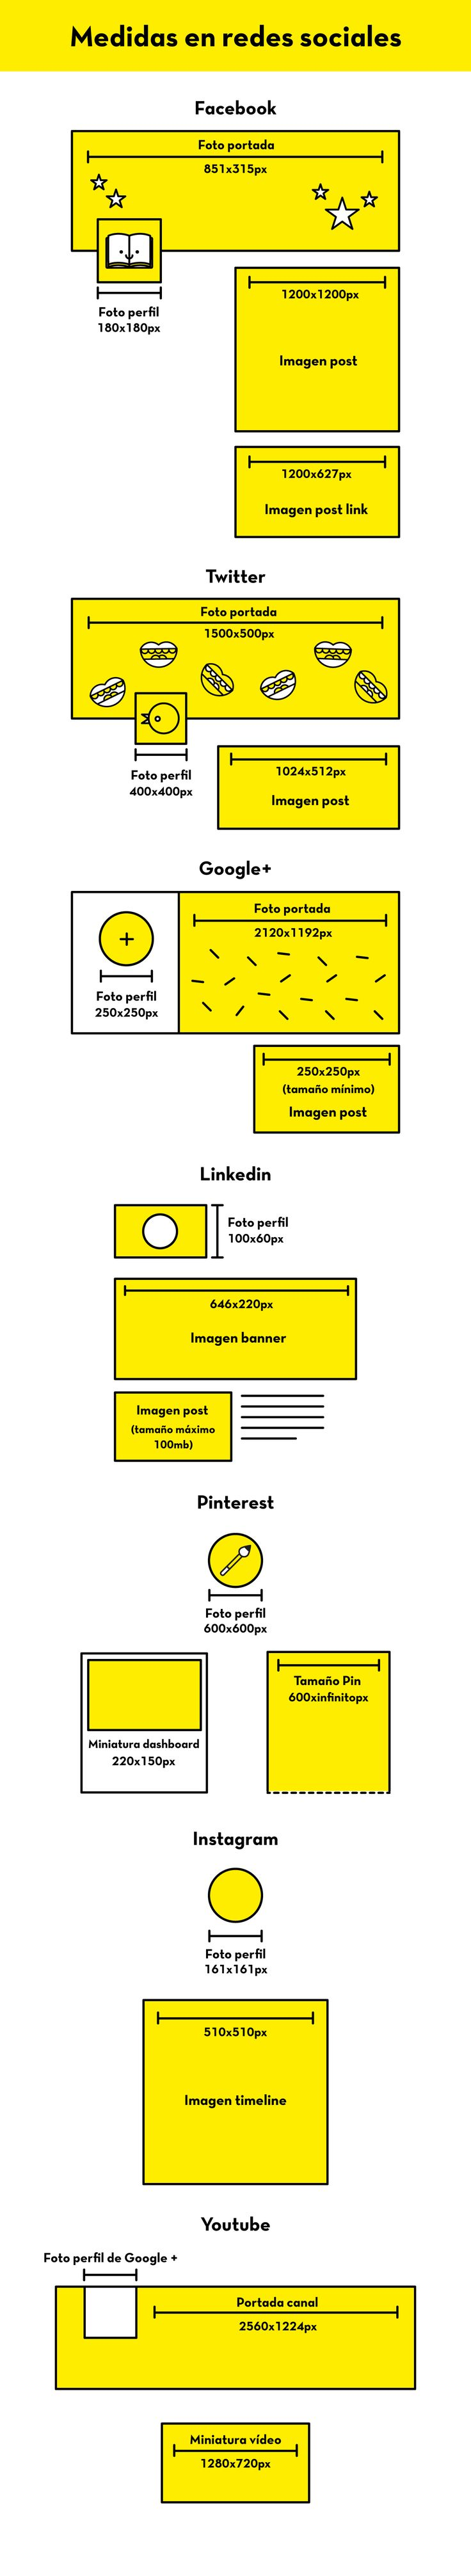 medidas_rrss_infografia                                                                                                                                                                                 Más